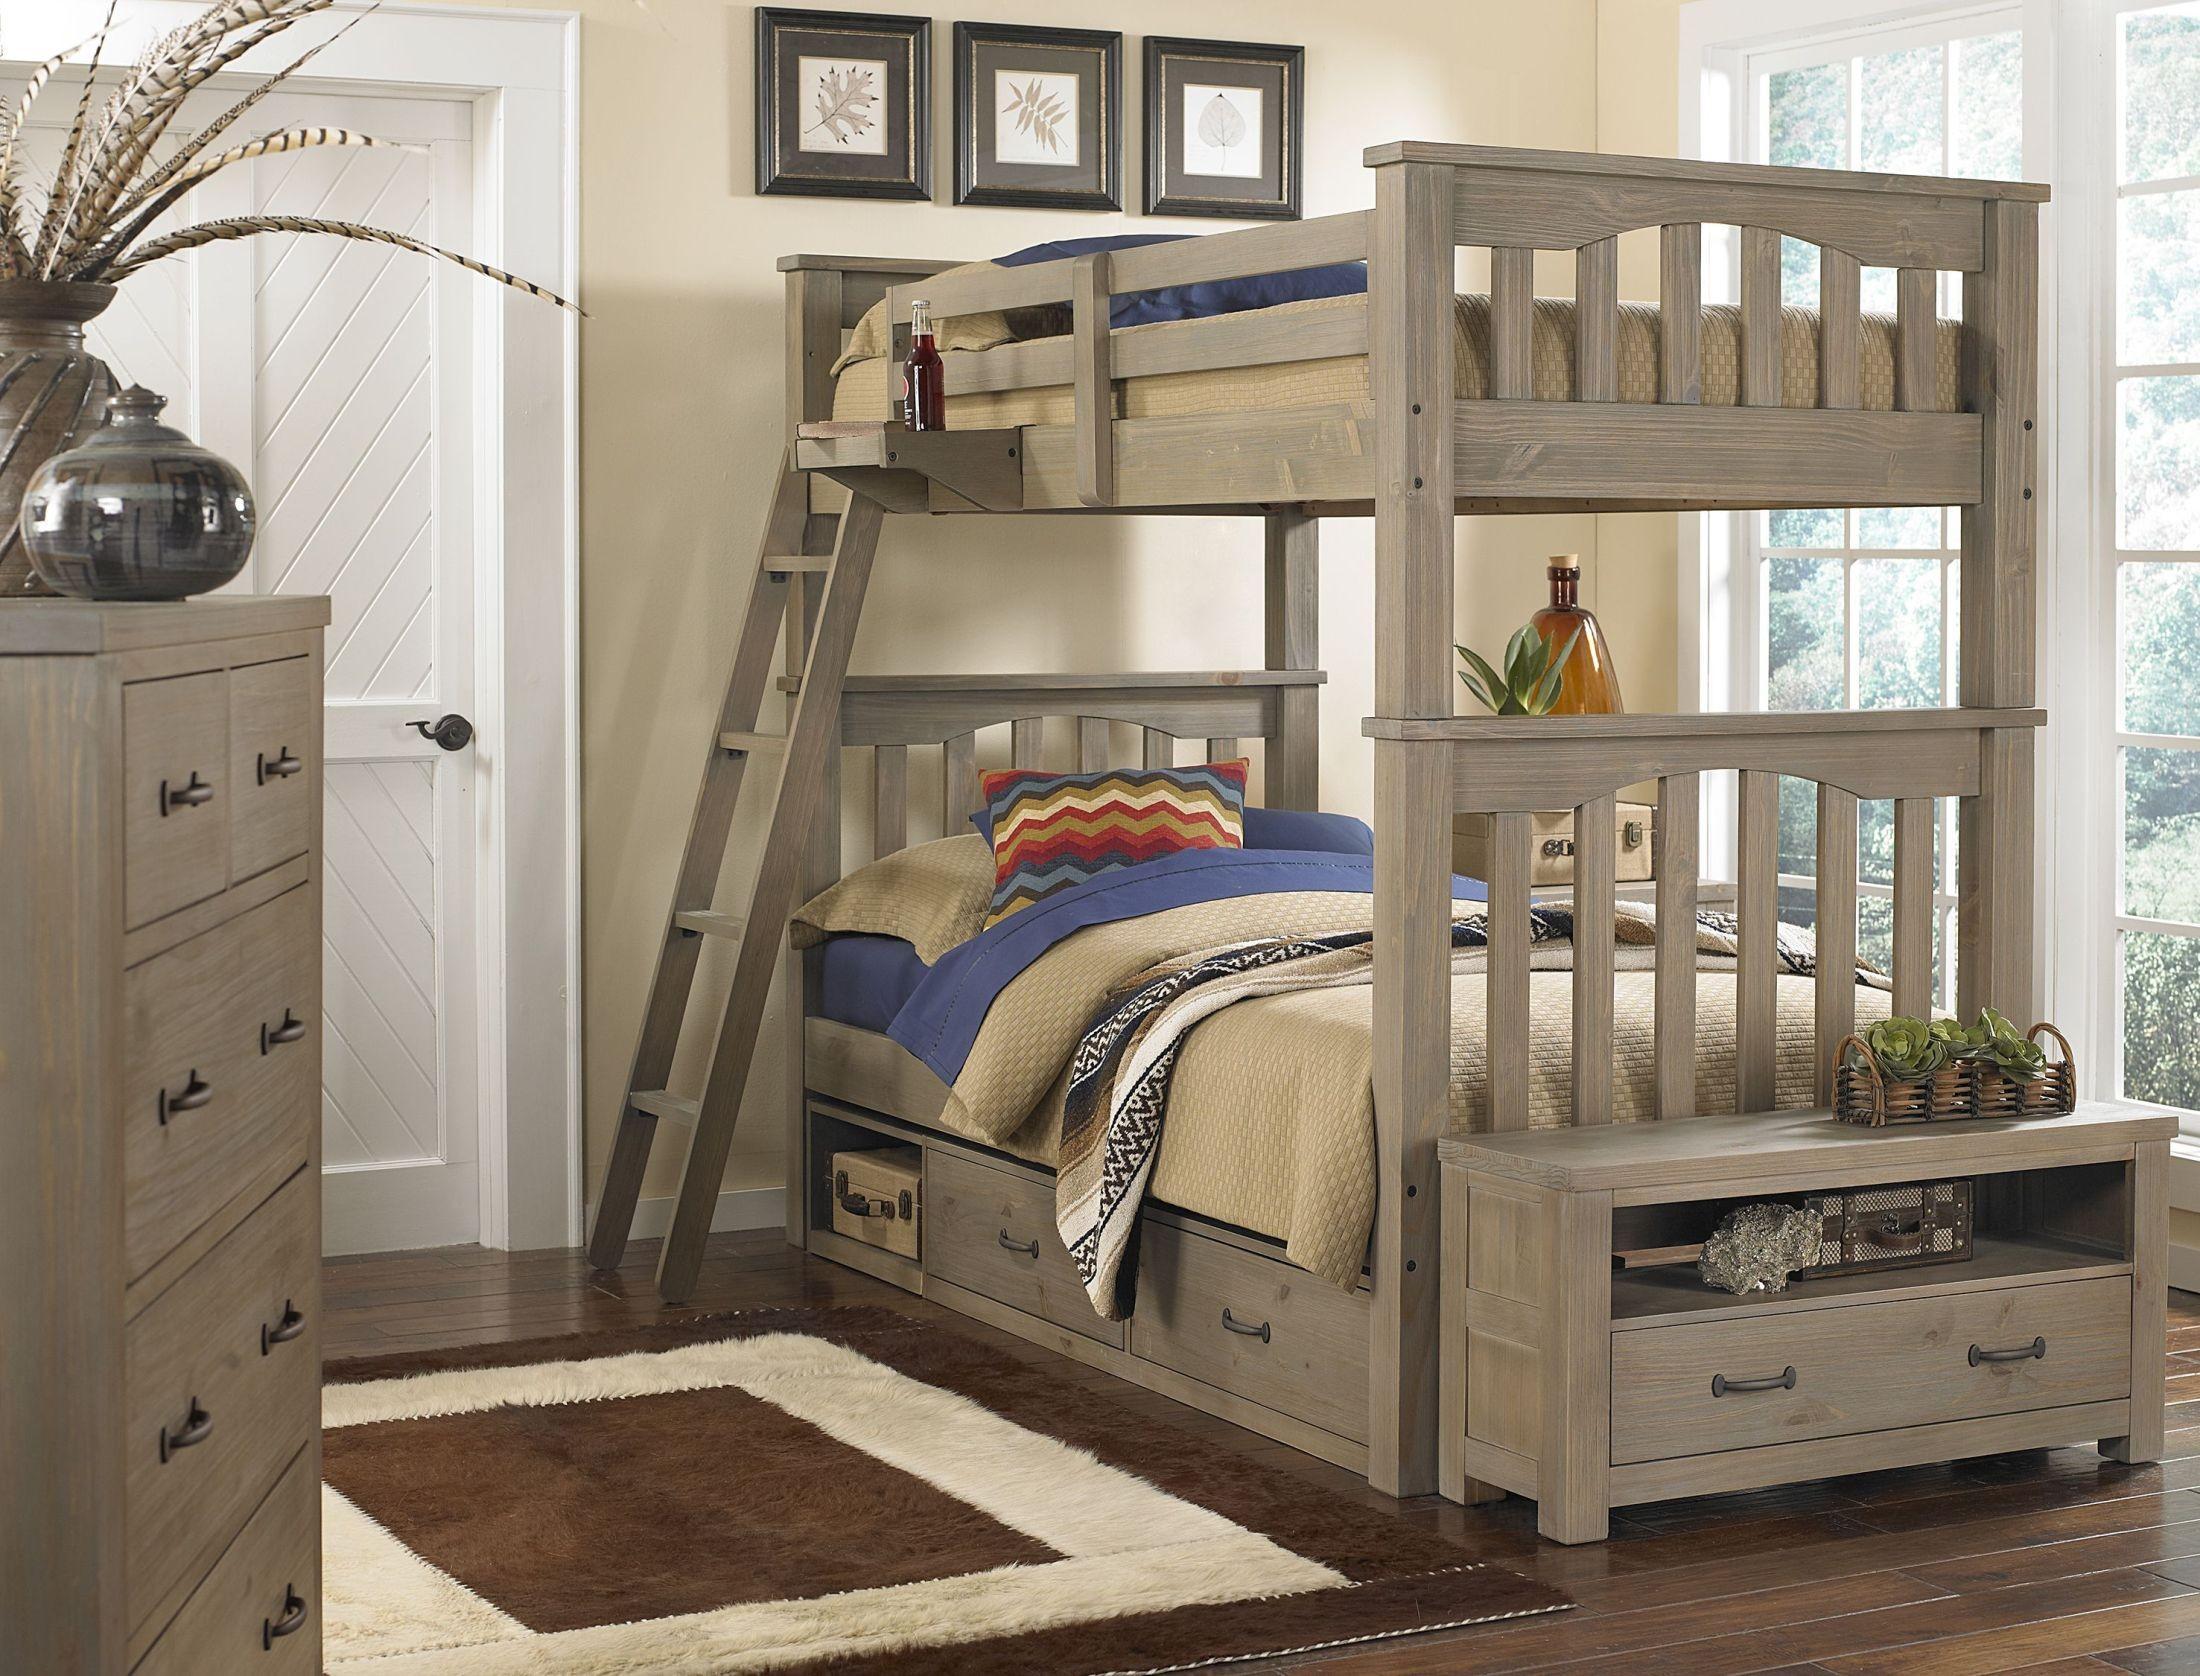 highlands harper driftwood youth storage bunk bedroom set